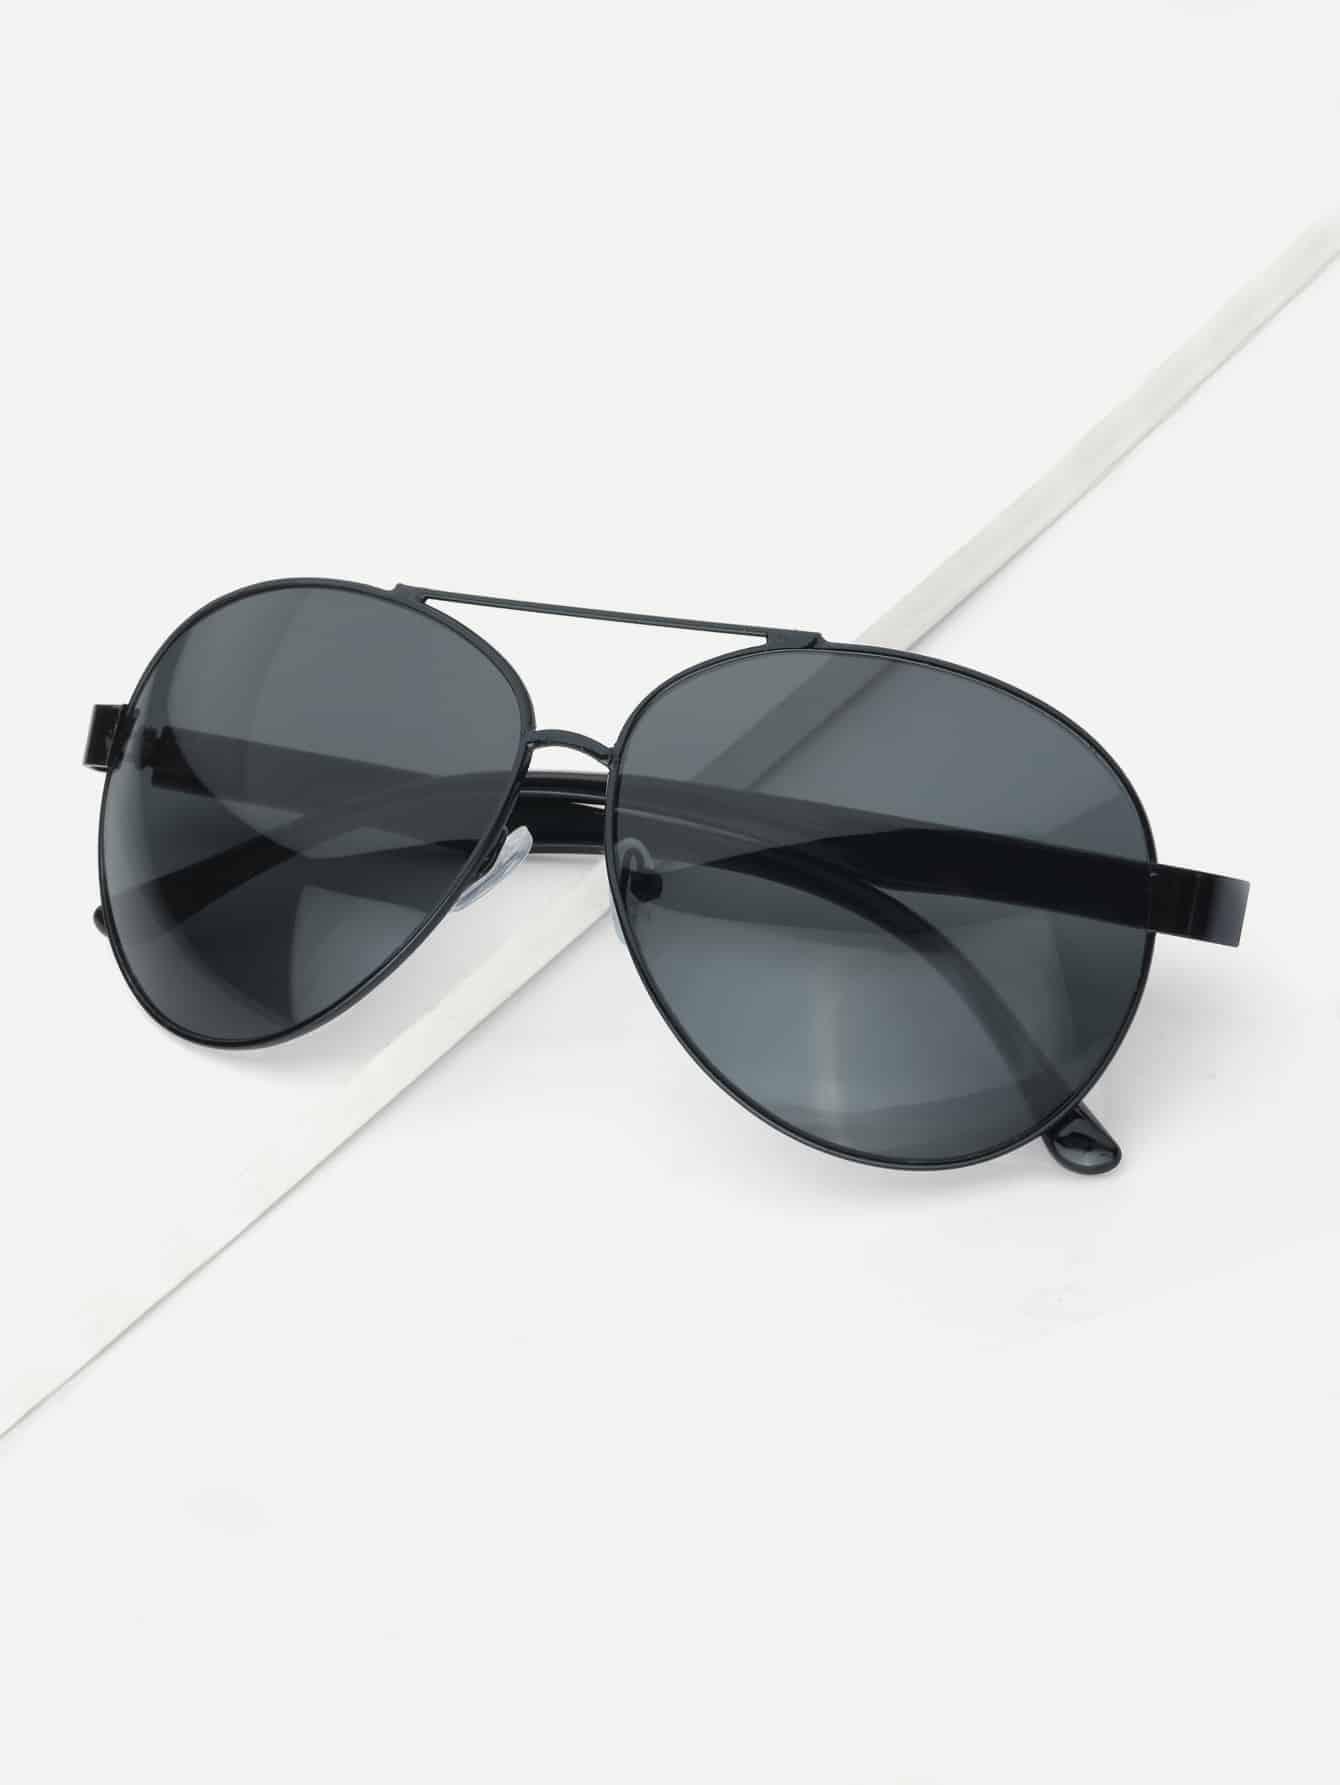 homme lunettes de soleil aviateur avec barre sup rieure. Black Bedroom Furniture Sets. Home Design Ideas